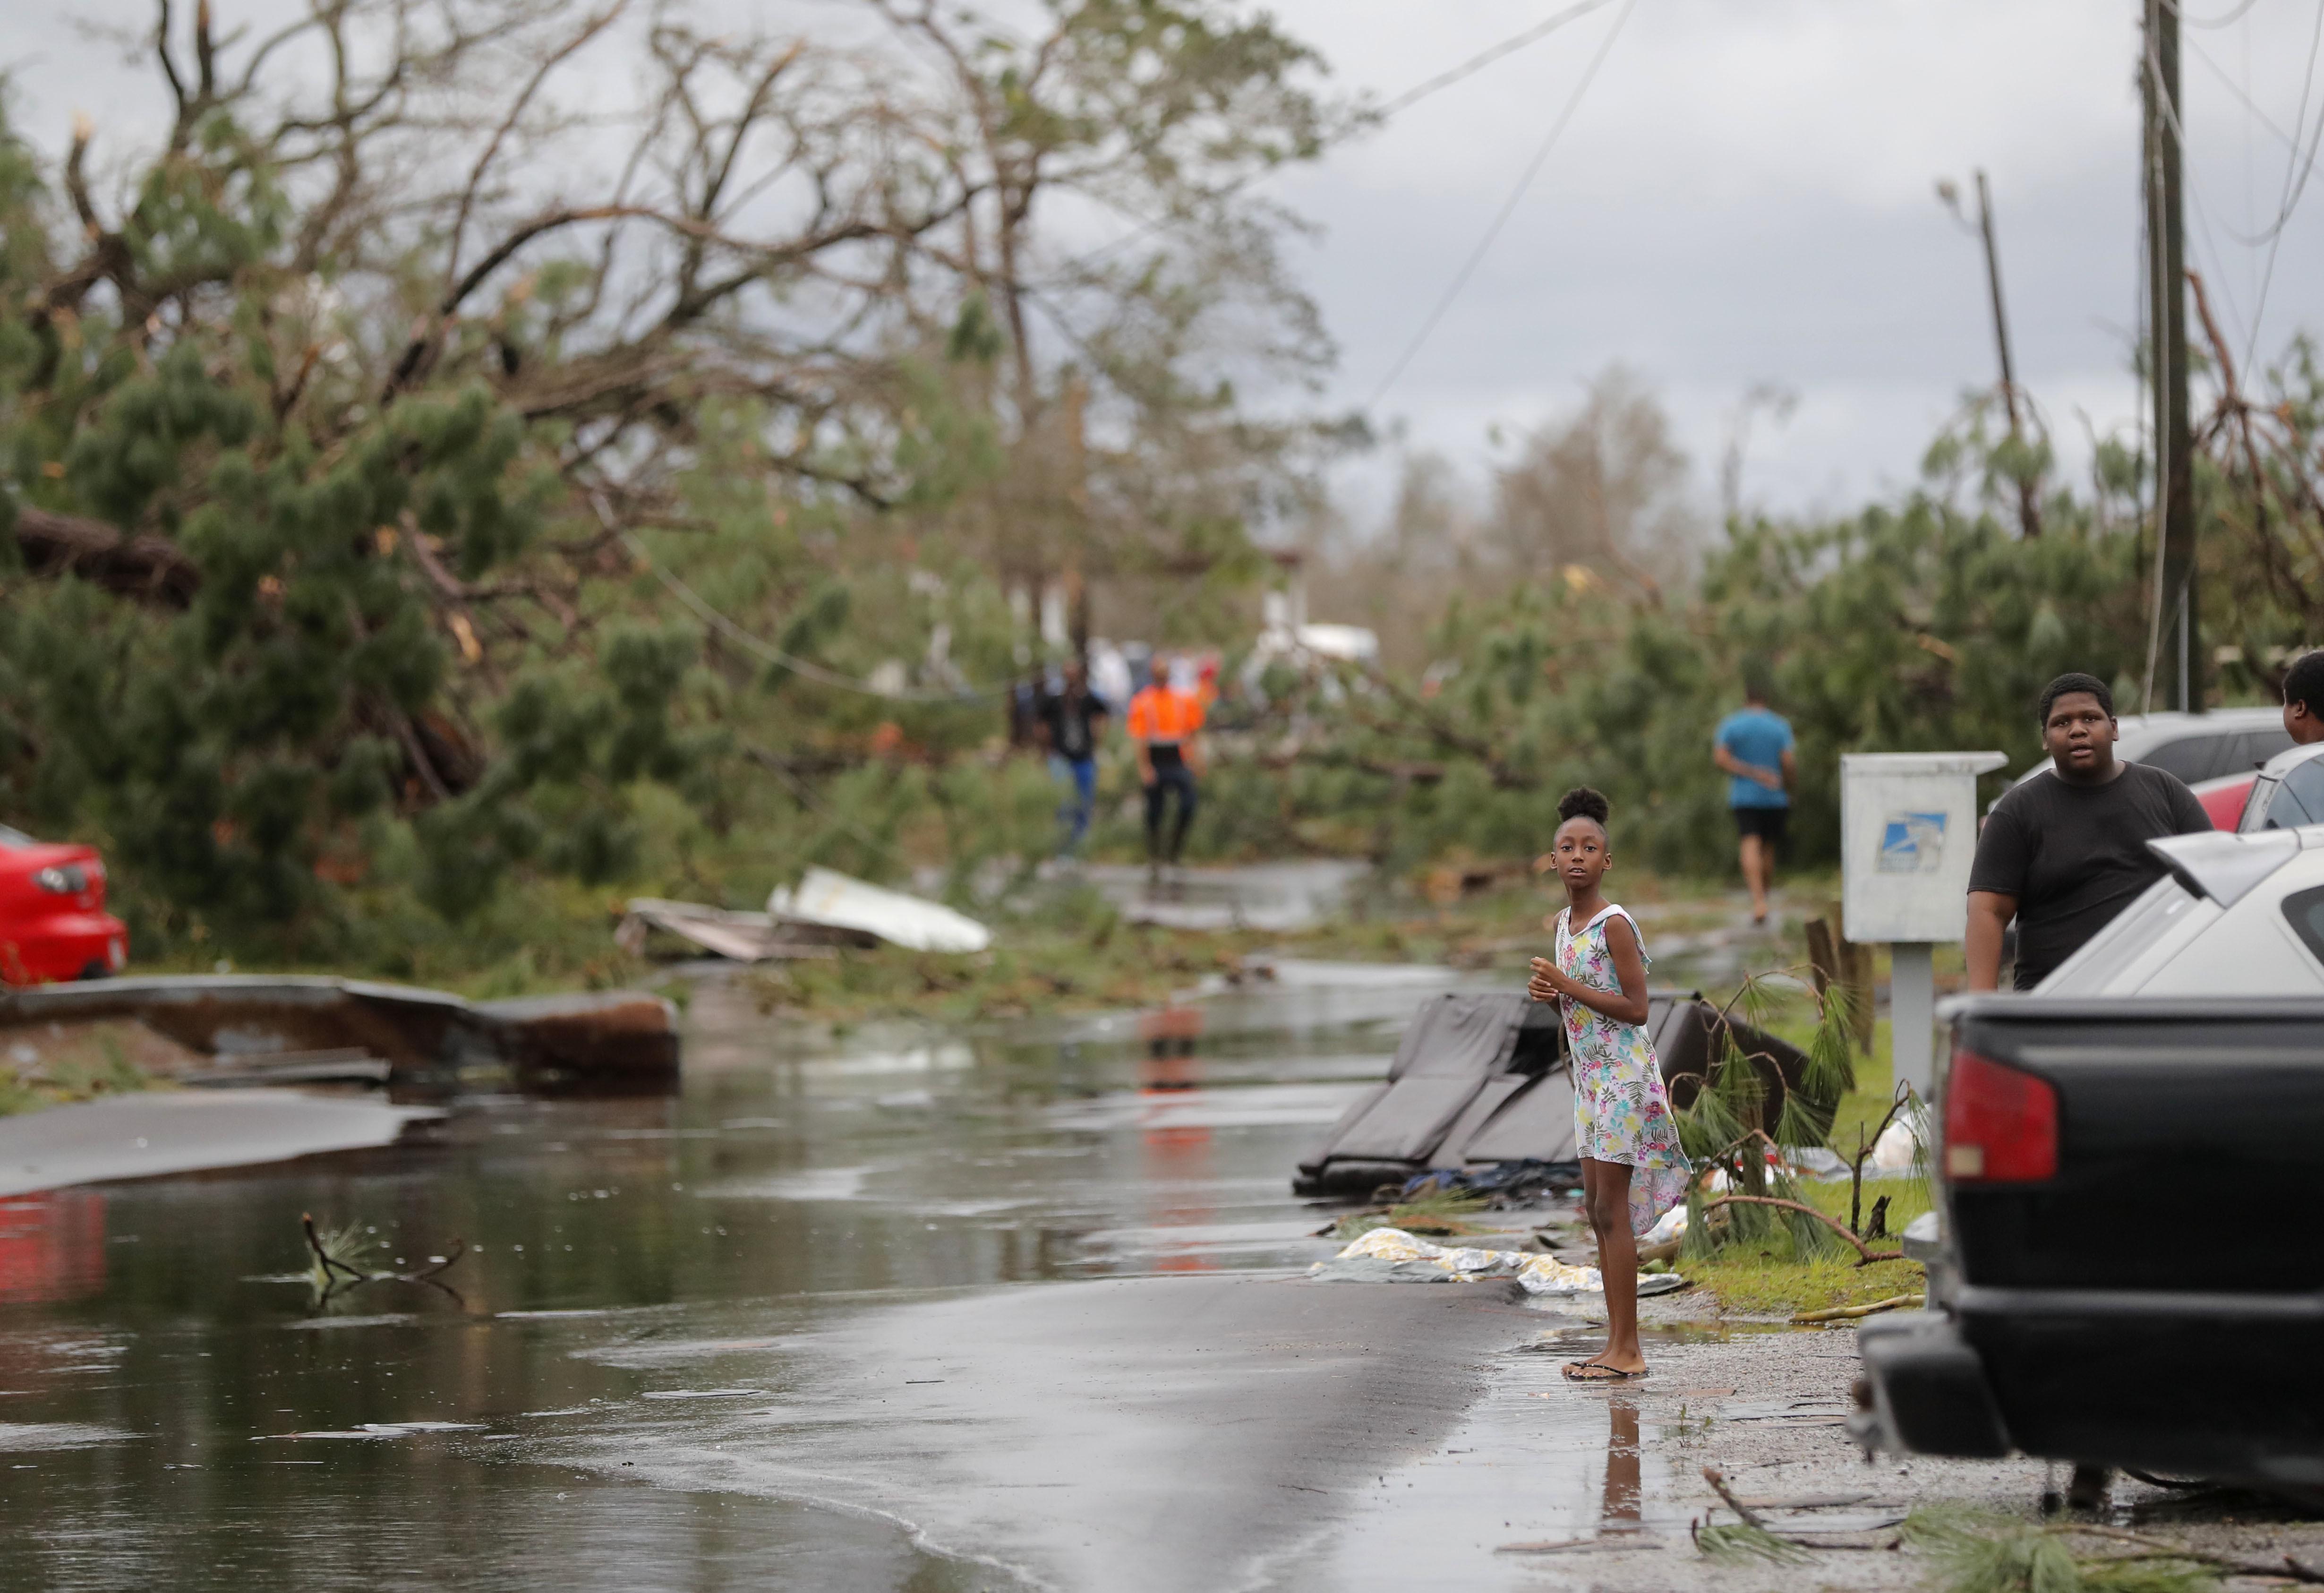 Panama City, Florida (AP /Gerald Herbert)